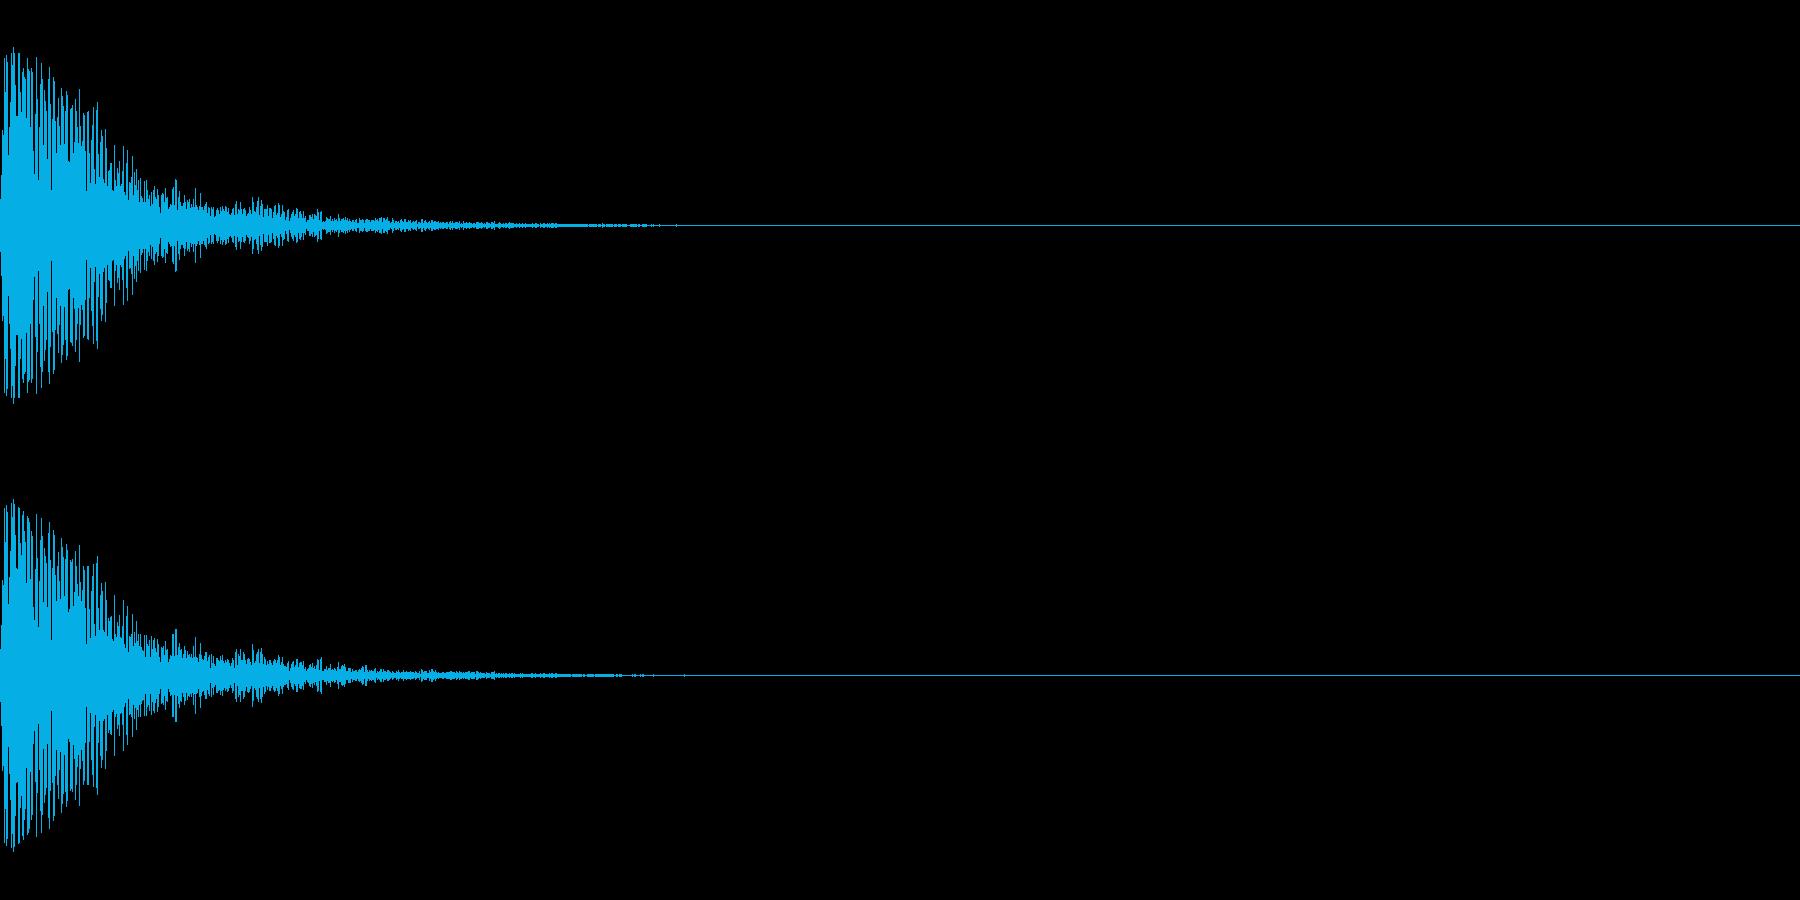 メープル材ドラムキット_スネア01の再生済みの波形